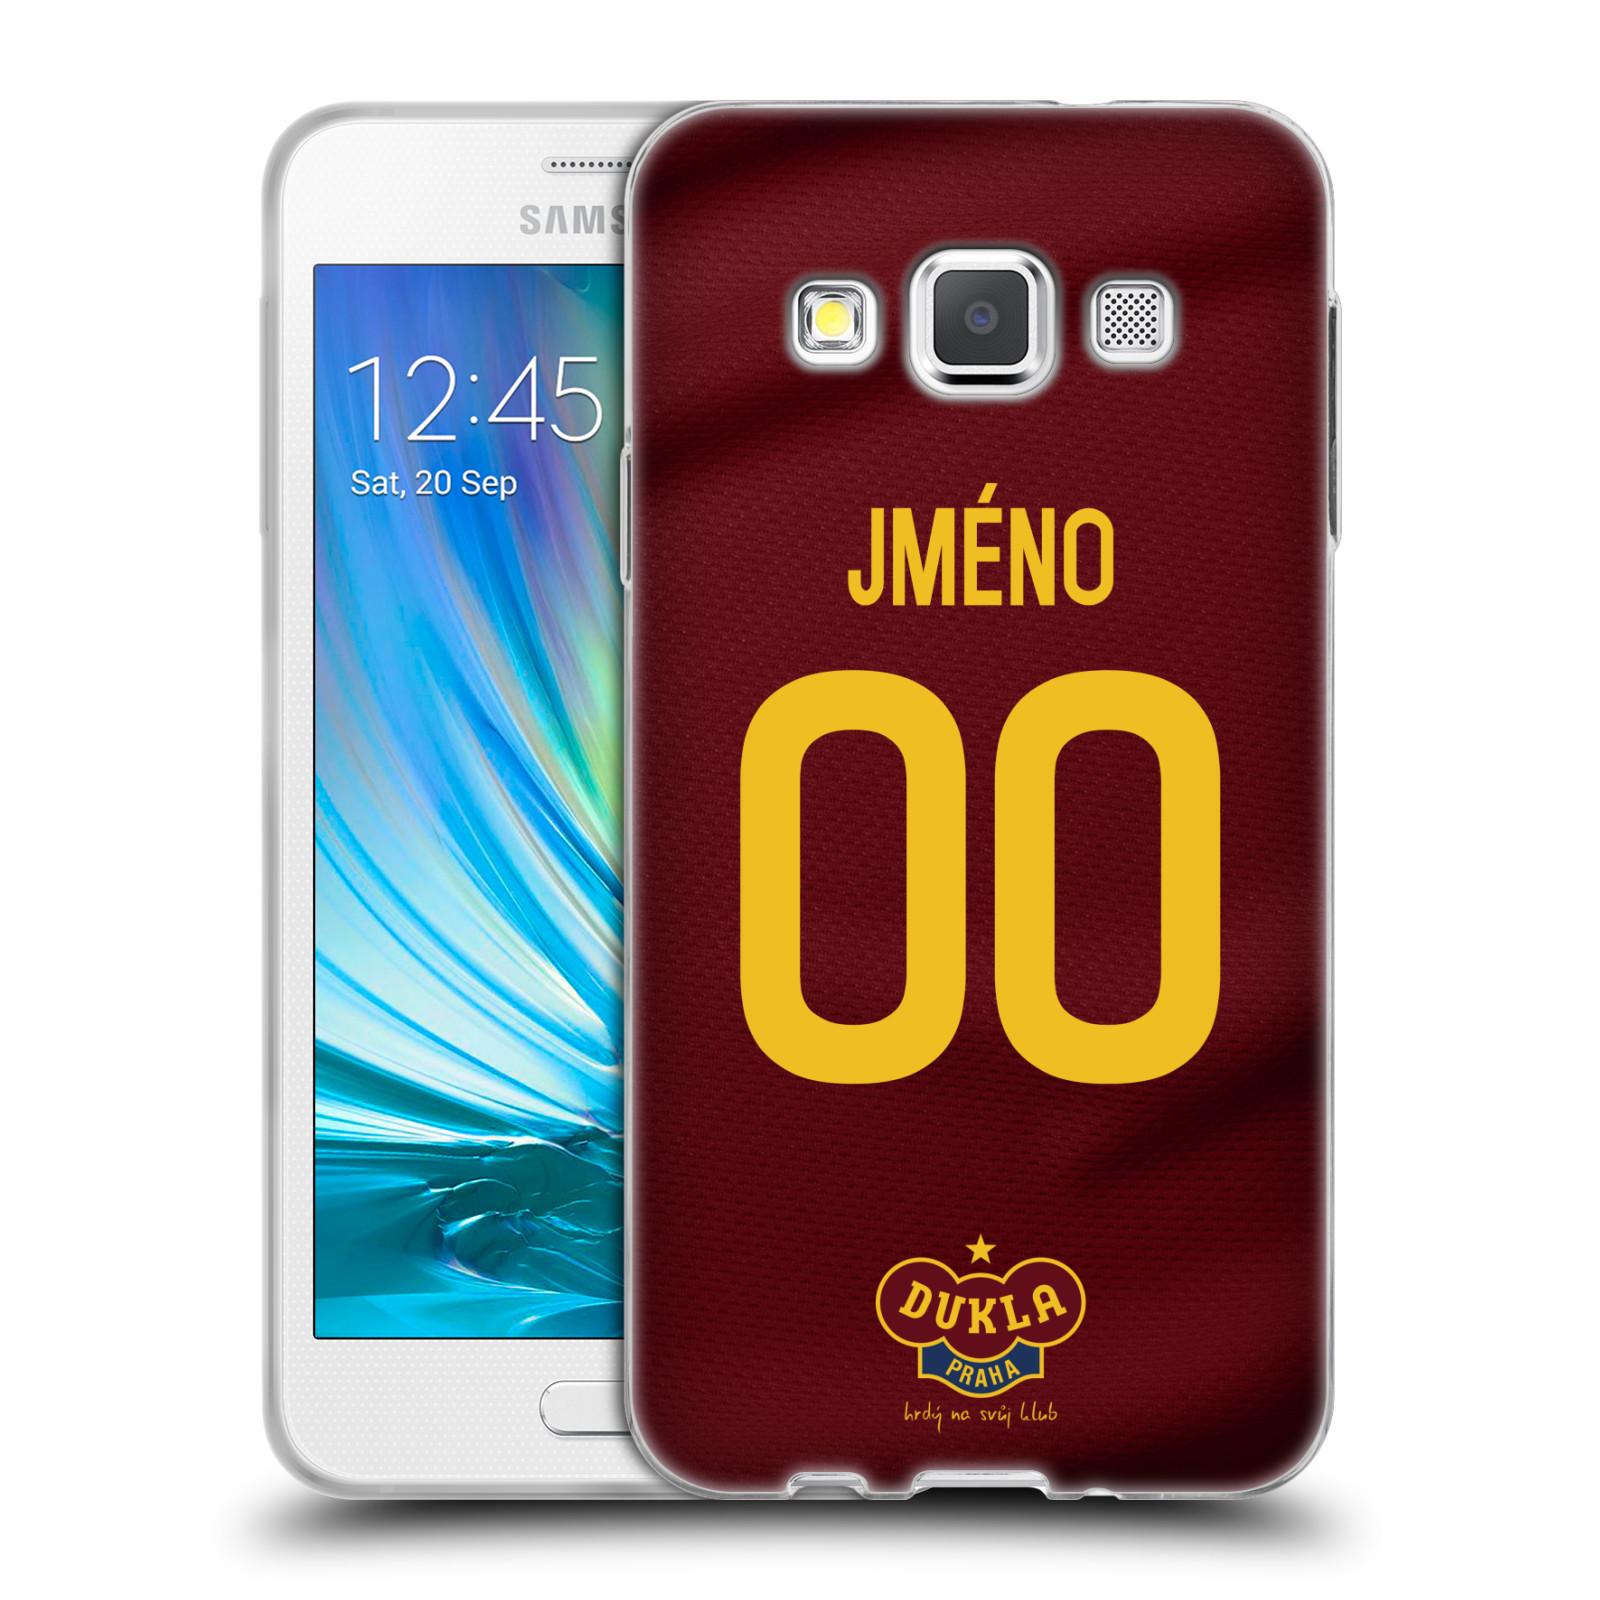 Silikonové pouzdro na mobil Samsung Galaxy A3 - FK Dukla Praha - dres s vlastním jménem a číslem